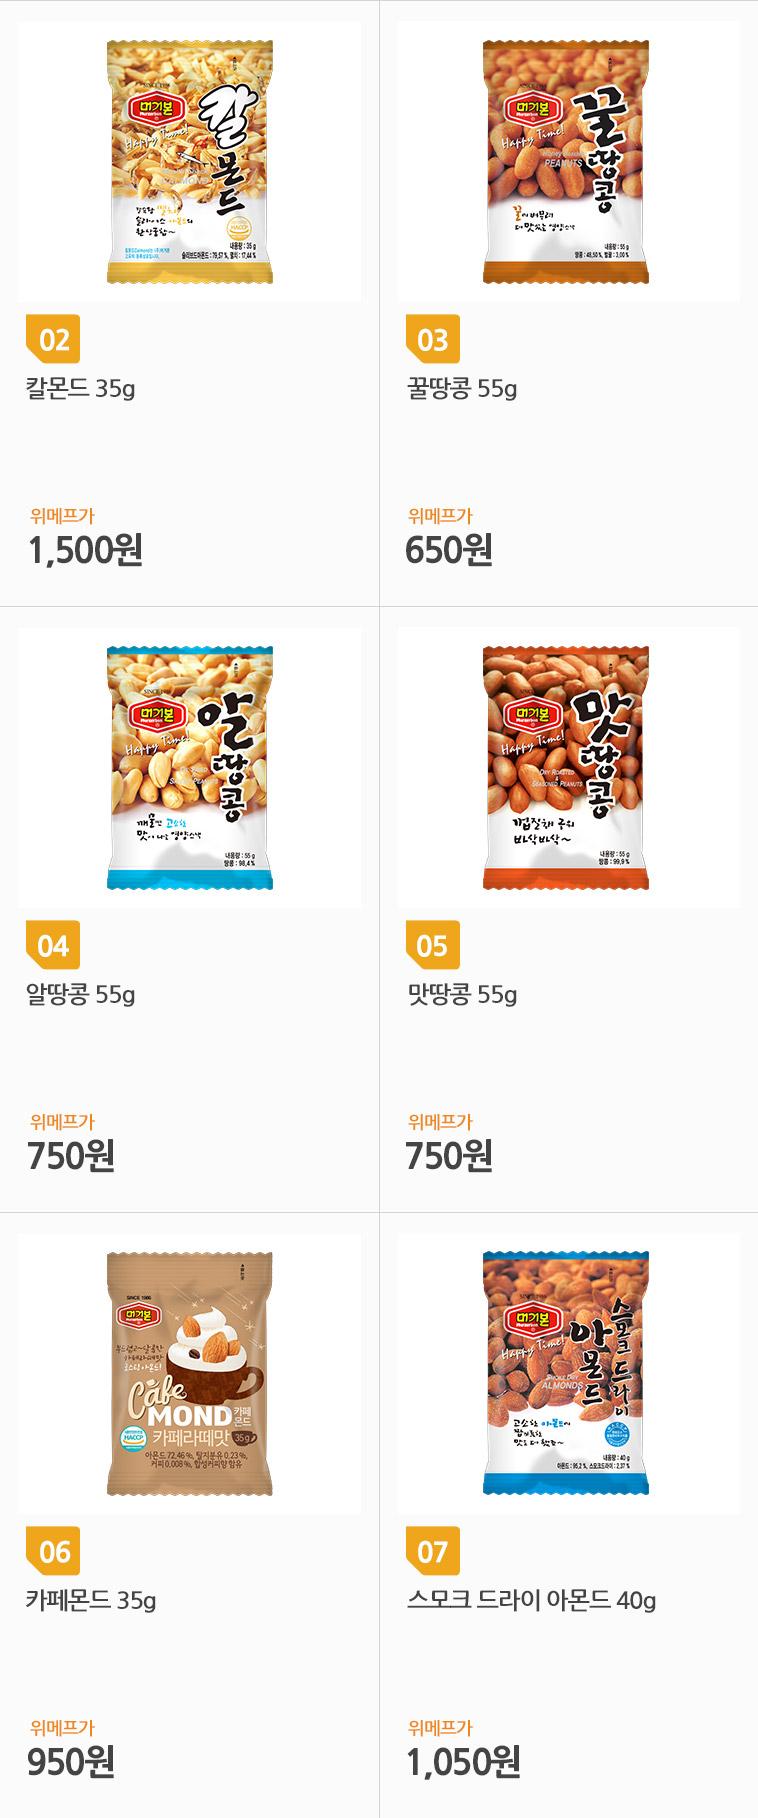 [스타쿠폰] 칼몬드 1봉 한정특가! - 상세정보